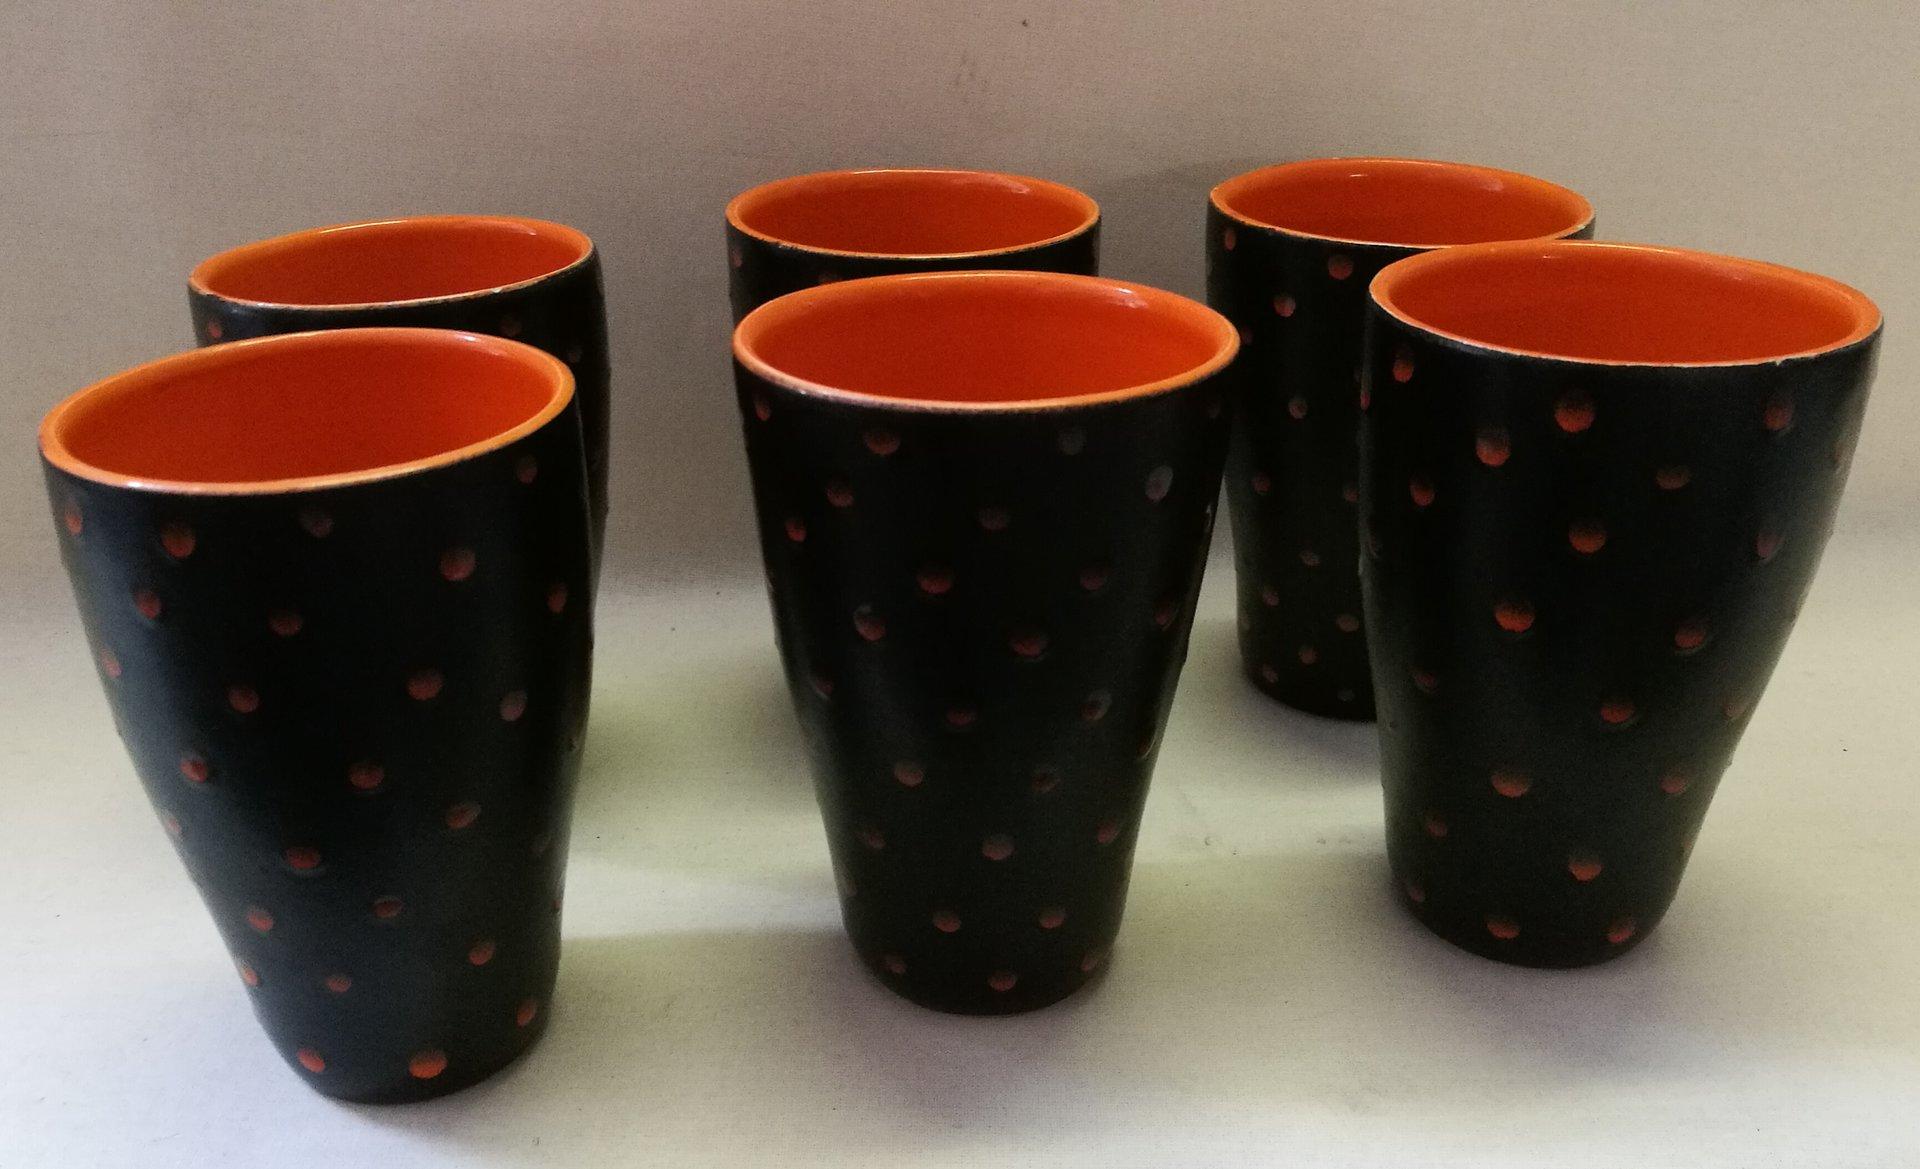 Italian set of 1 carafe & 6 glasses from ceramiche di albisola